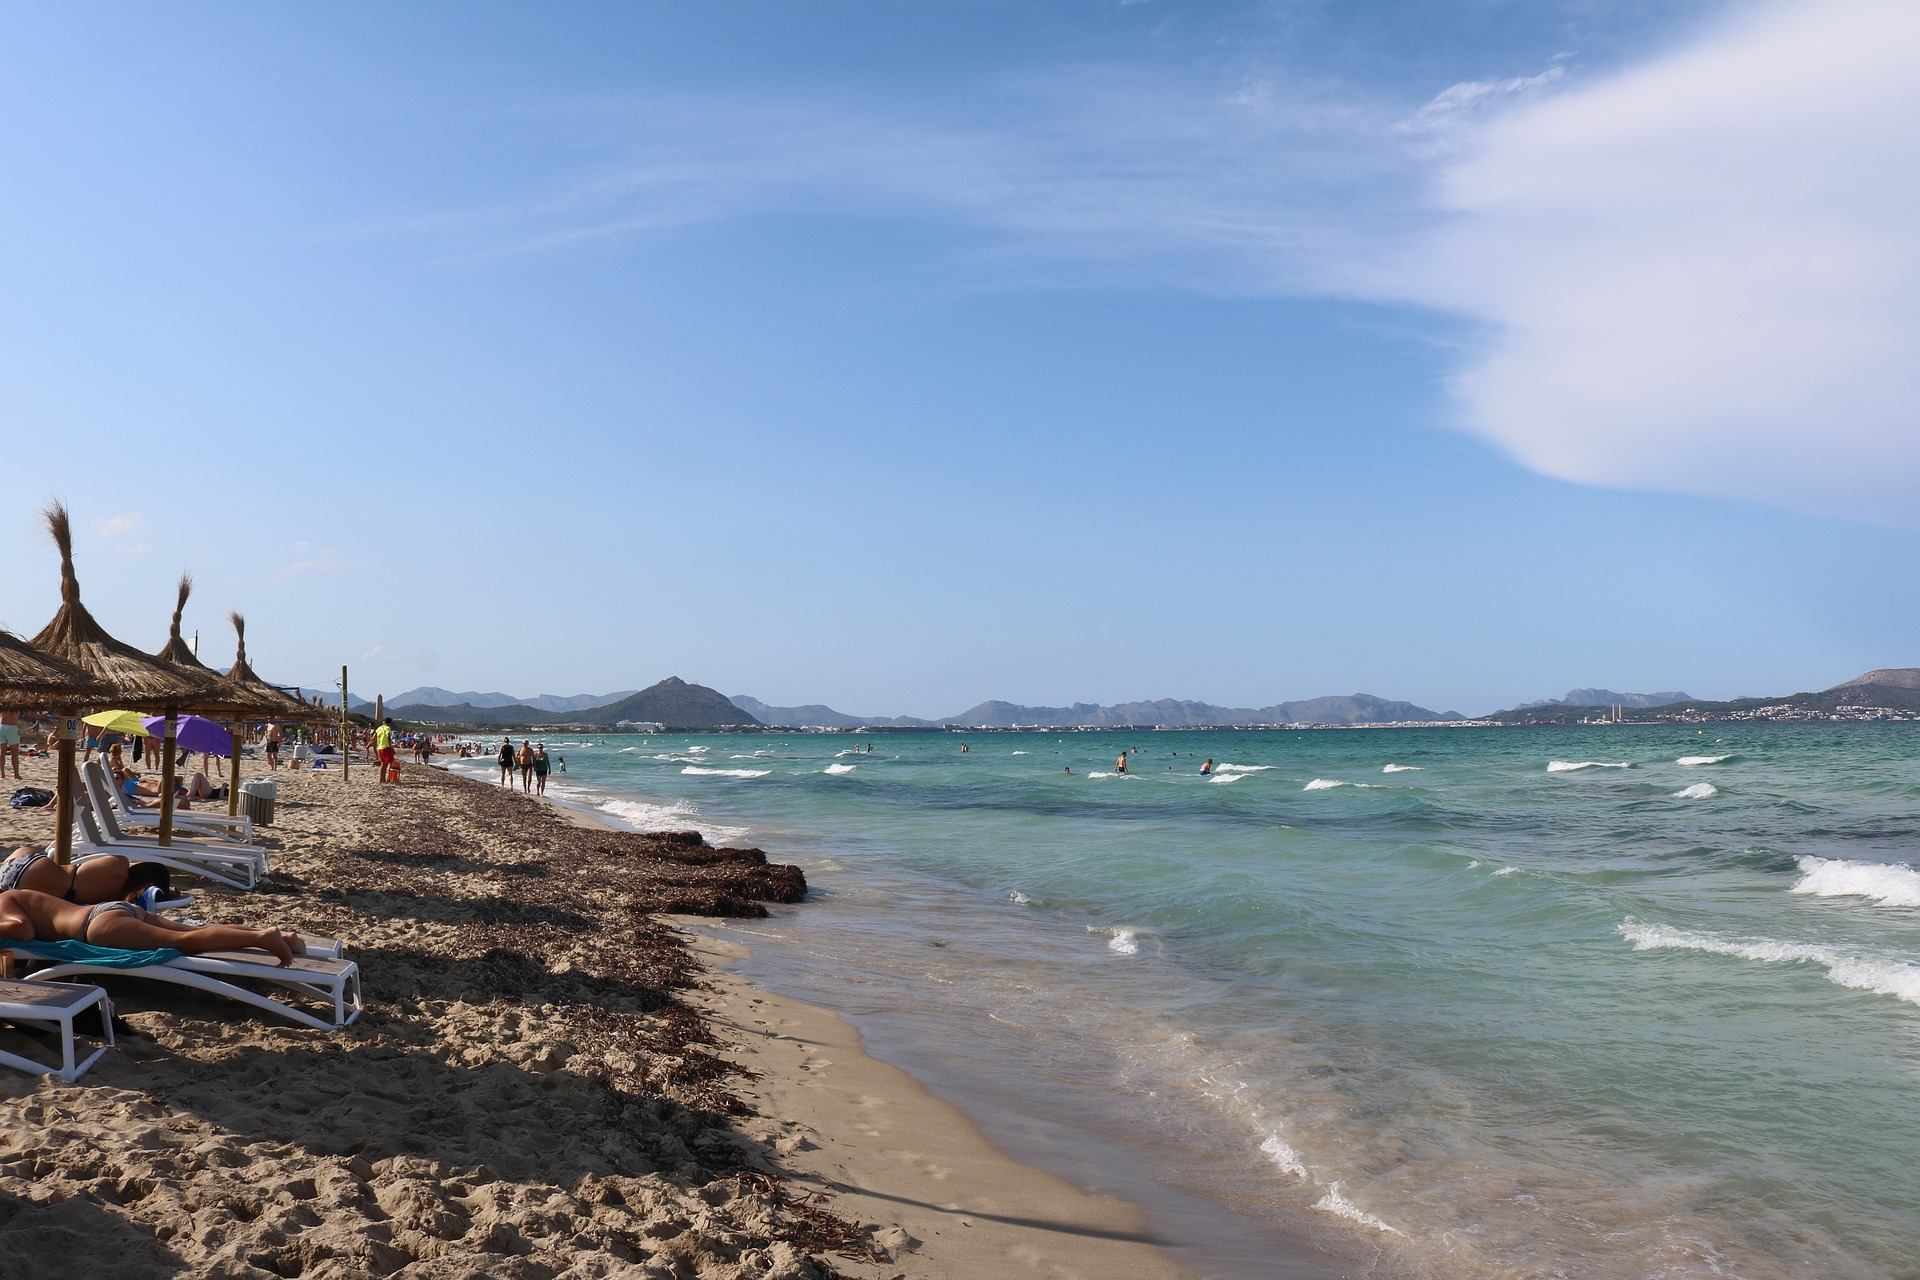 Freut euch auf einen endlos lange Strandpromenade